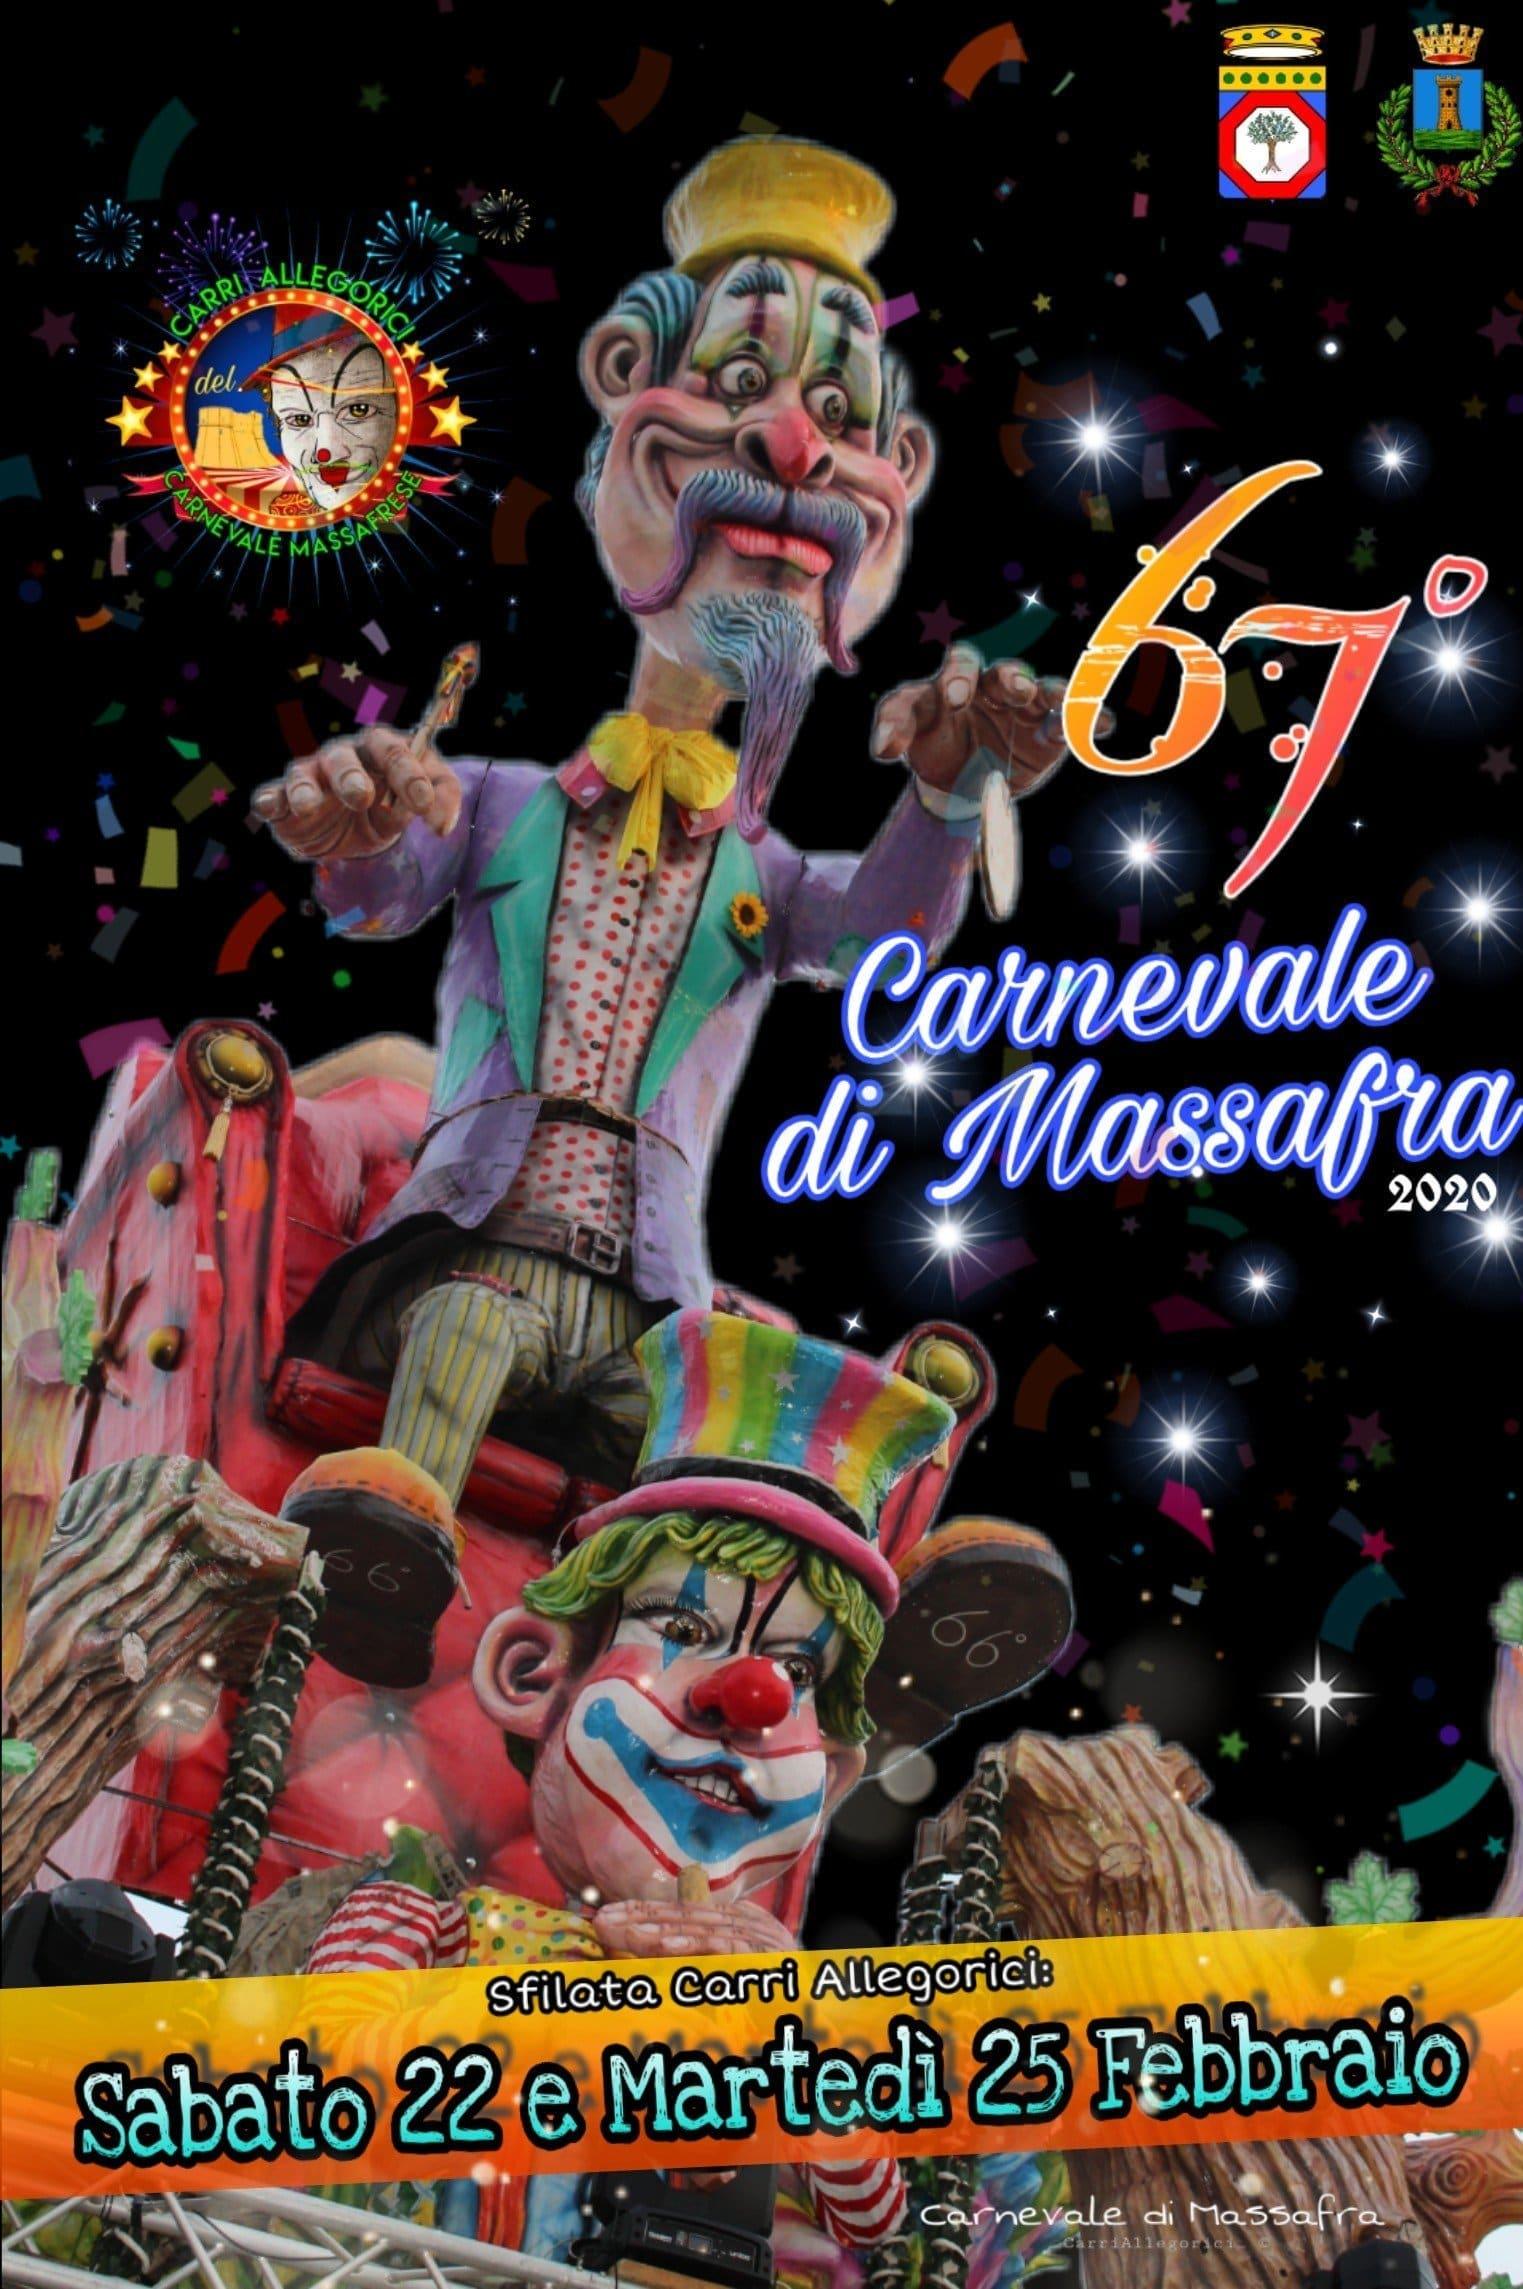 Carnevale di Massafra 2020: date e programma per i carri allegorici